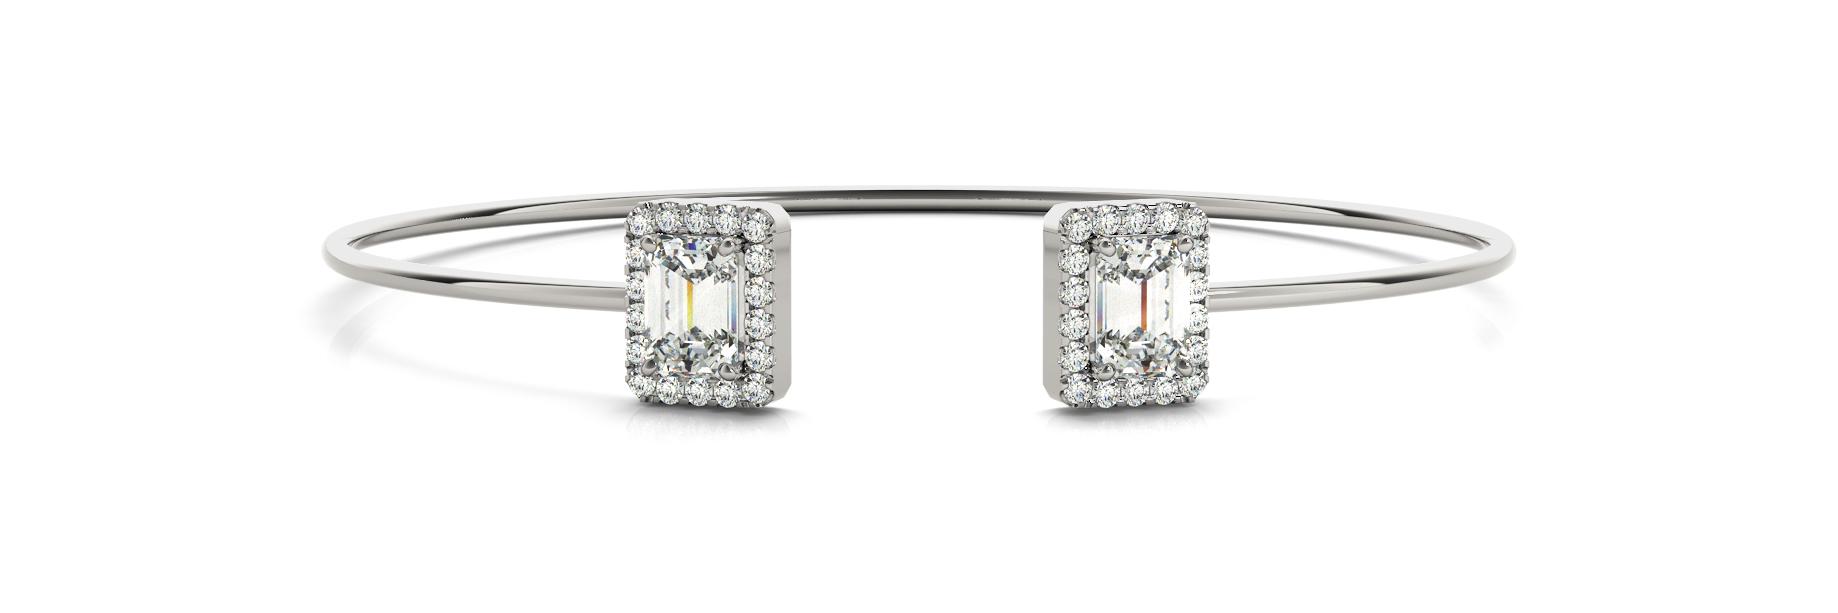 2 1/3 ct tw 14kt gold White Bracelet 2 - 7X5 Emerald ,36 - .01PT Round